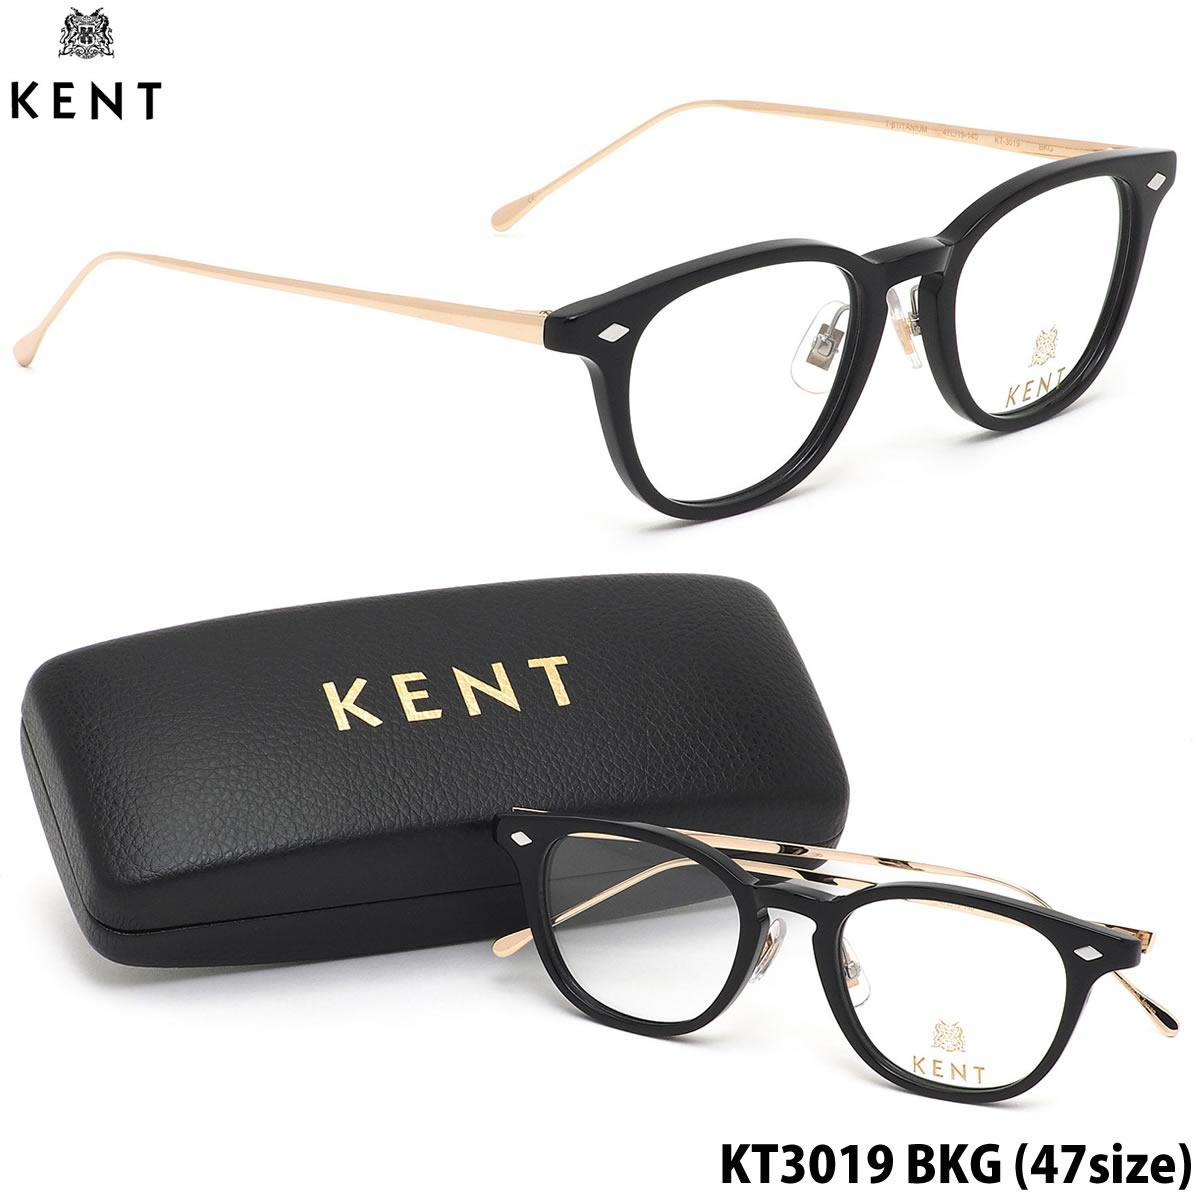 ほぼ全品ポイント15倍~20倍+15倍+2倍 ケント KENT メガネKT3019 BKG 47サイズクラシカル 日本製 伊達メガネレンズ無料 メンズ レディース